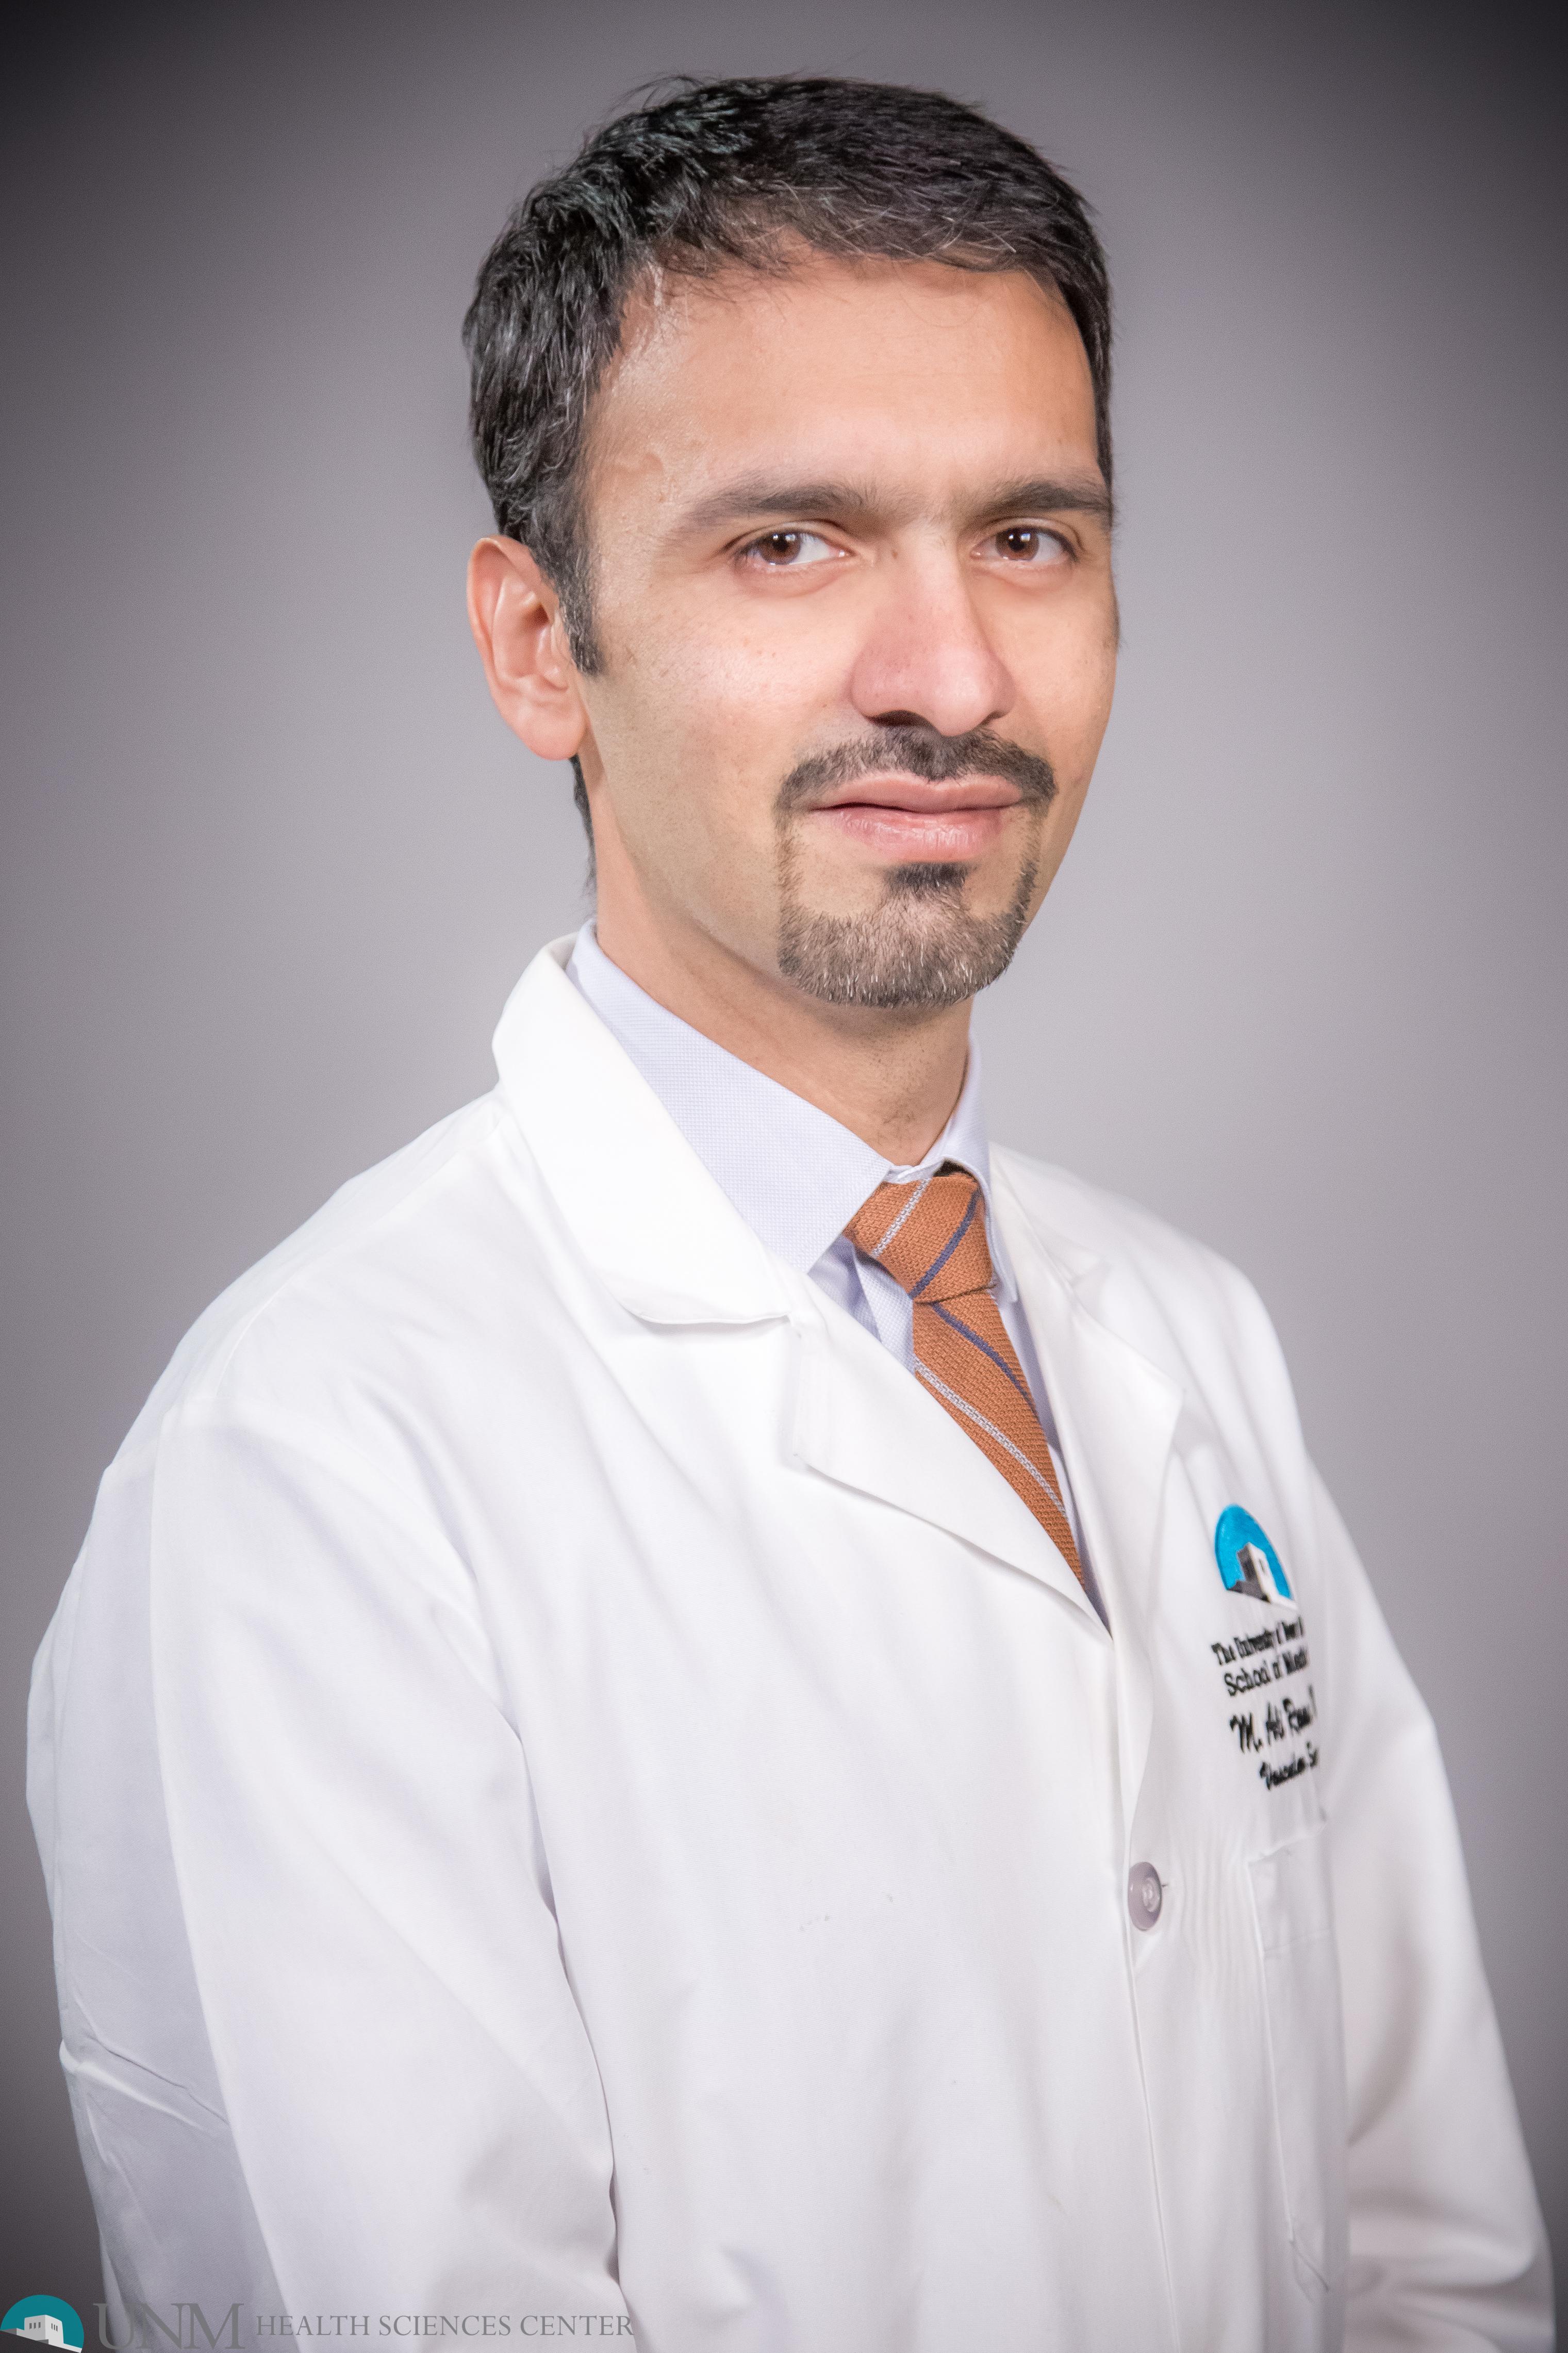 Ali Rana, MD